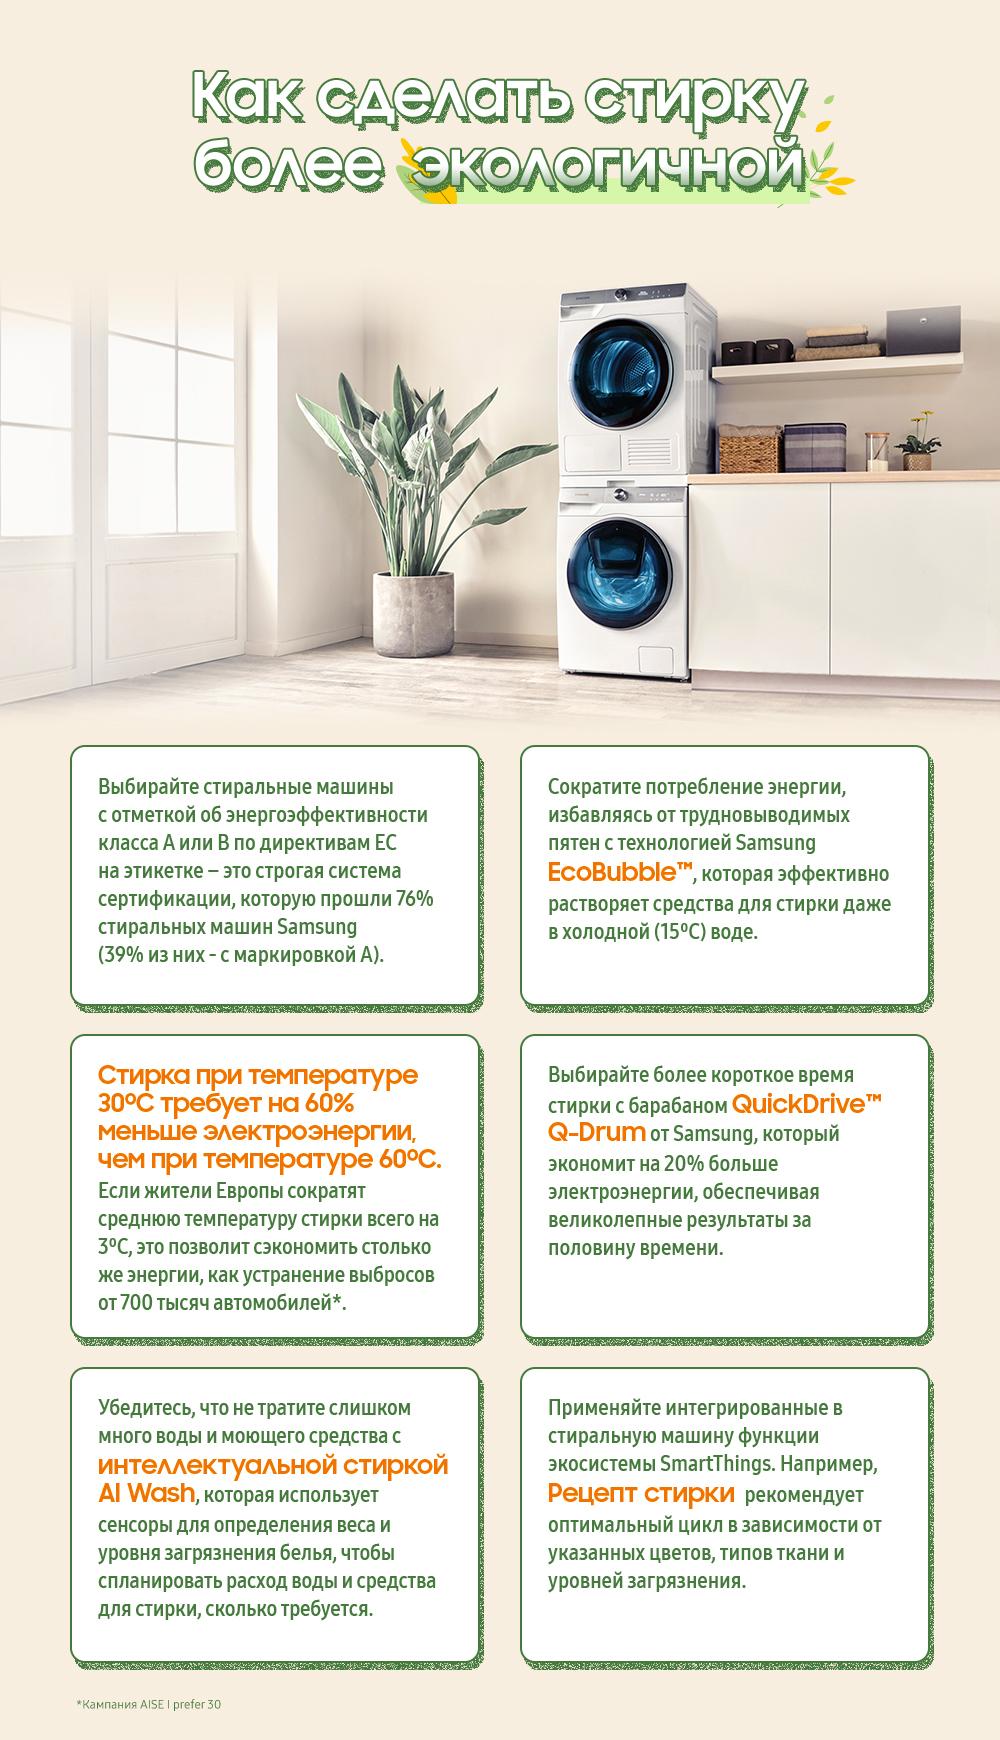 [Инфографика] Стиральные машины Samsung: уход за одеждой c заботой об экологии